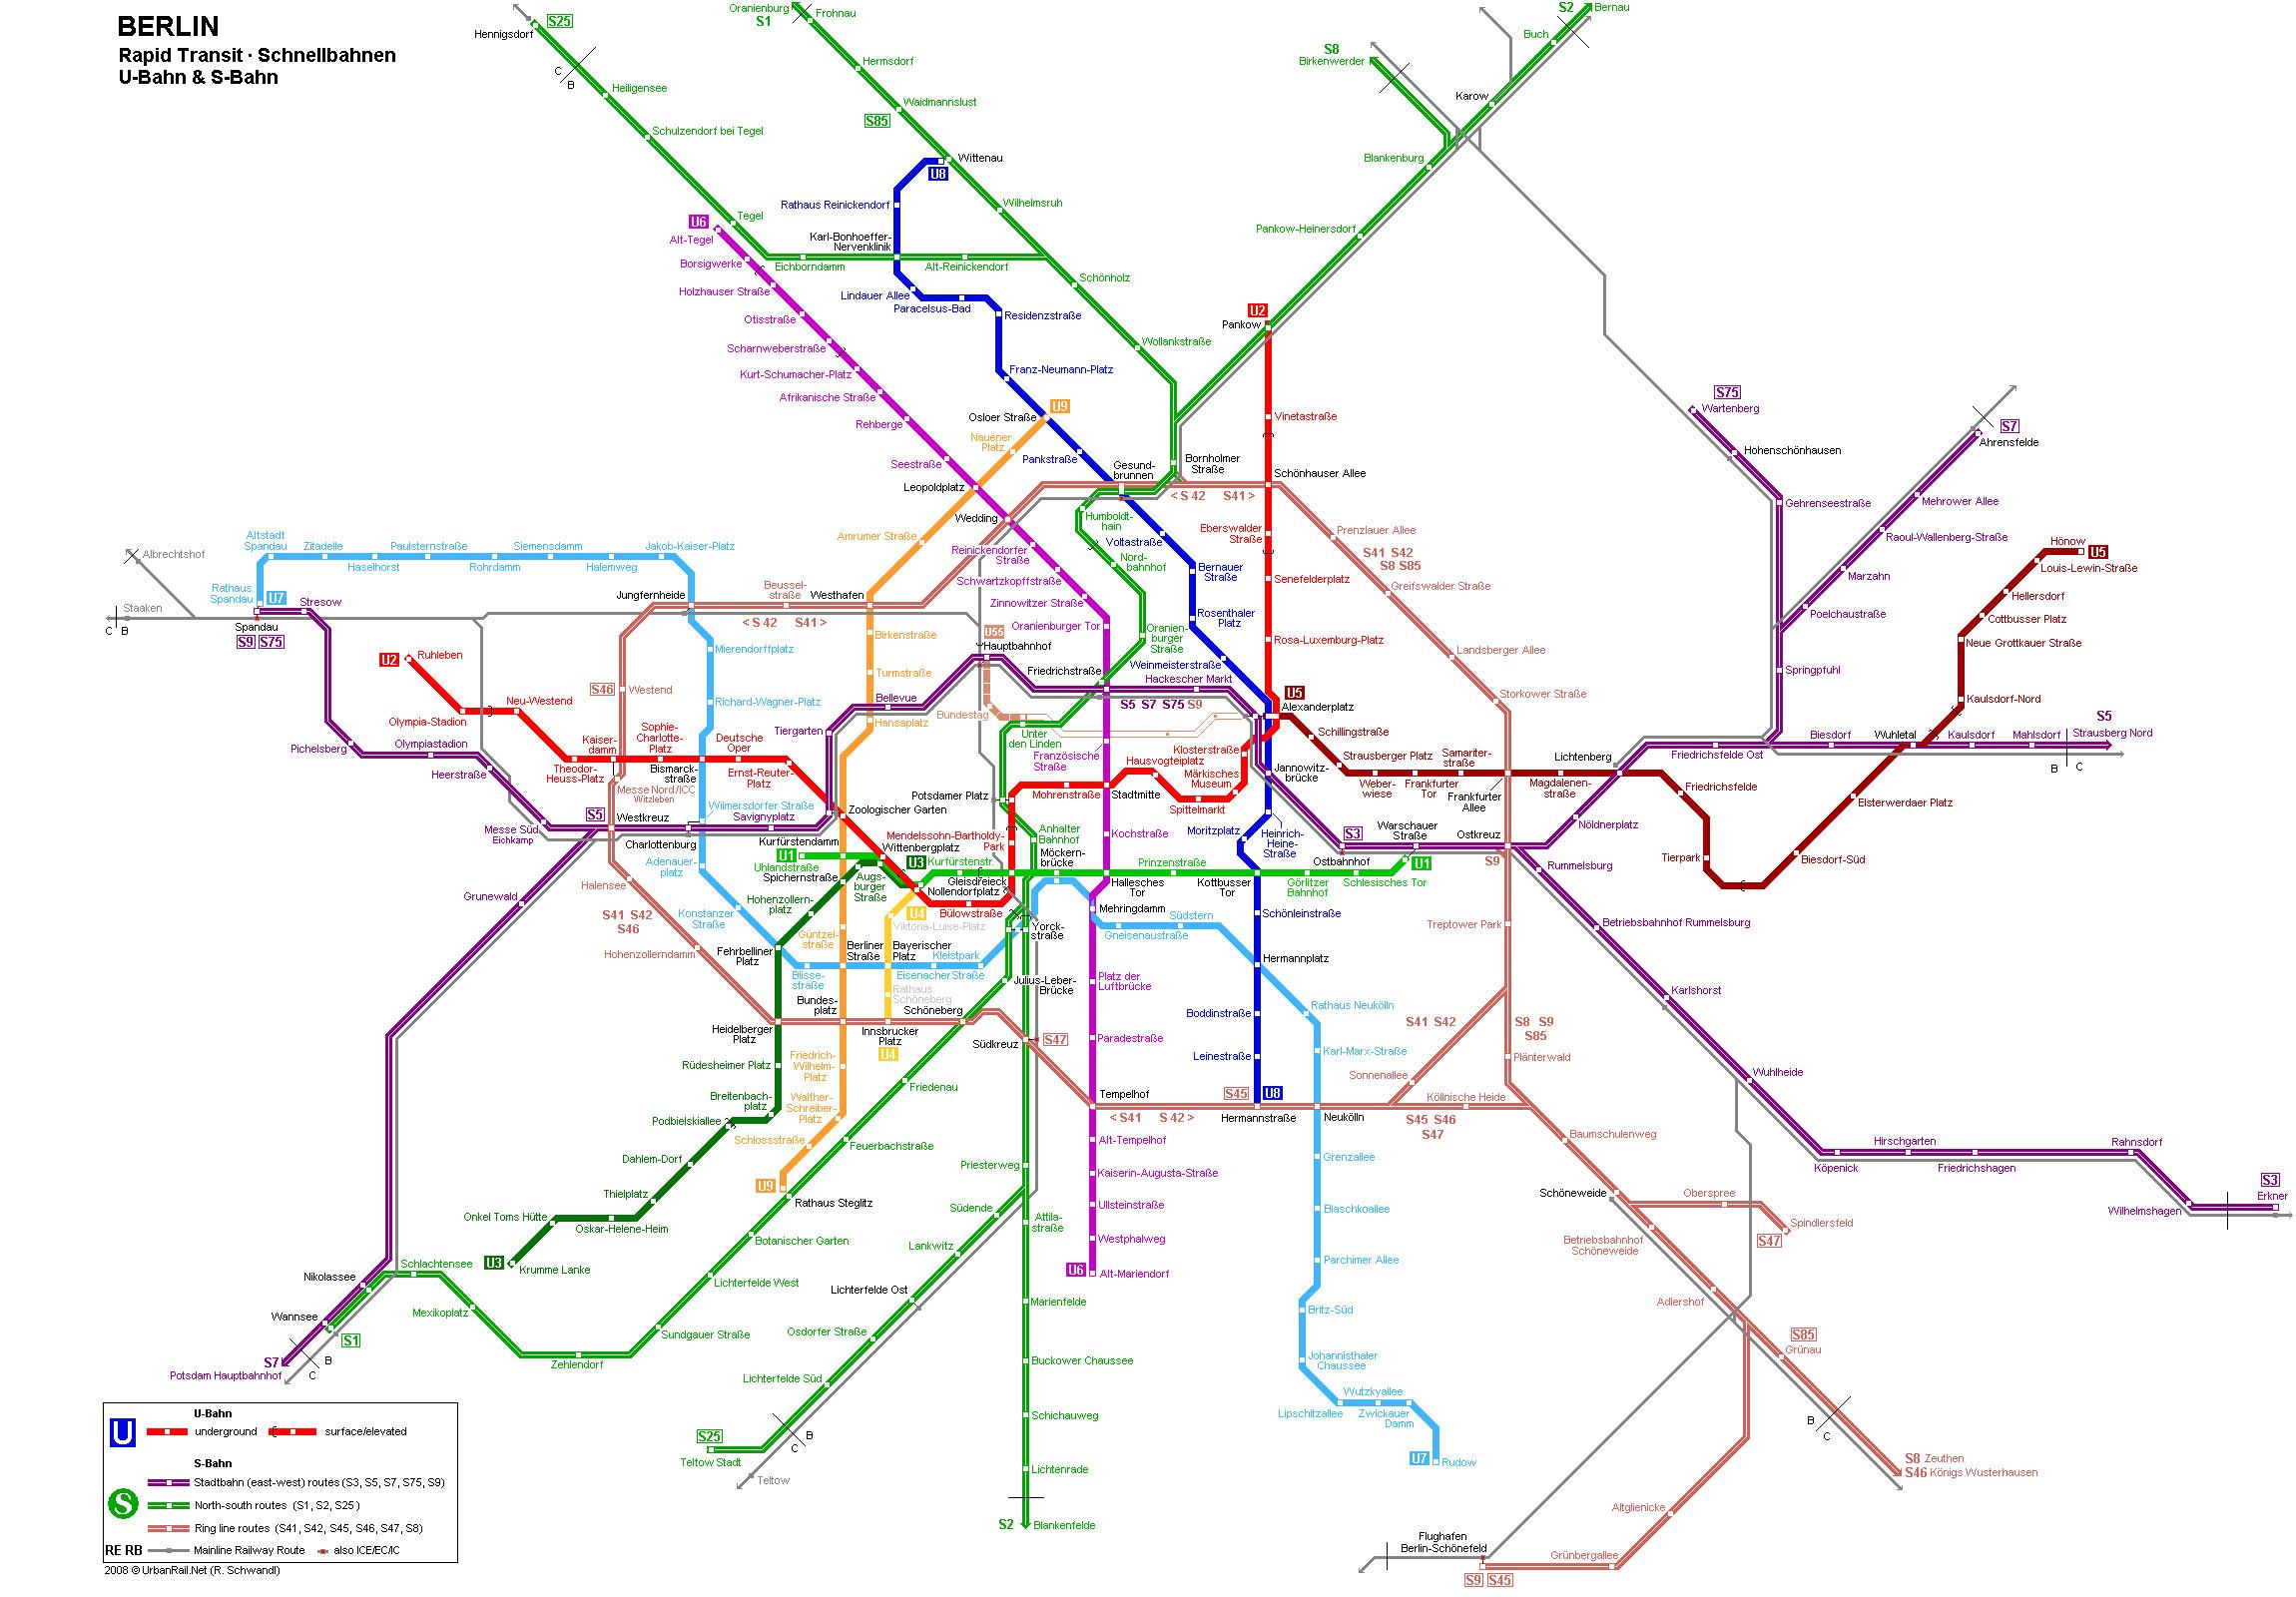 德国柏林地铁线路图 运营时间票价站点 查询下载 柏林地铁查询 柏林地铁票价 柏林地铁运营时间 柏林地铁线路图 德国地铁 柏林地铁 德国地铁线路图  第2张